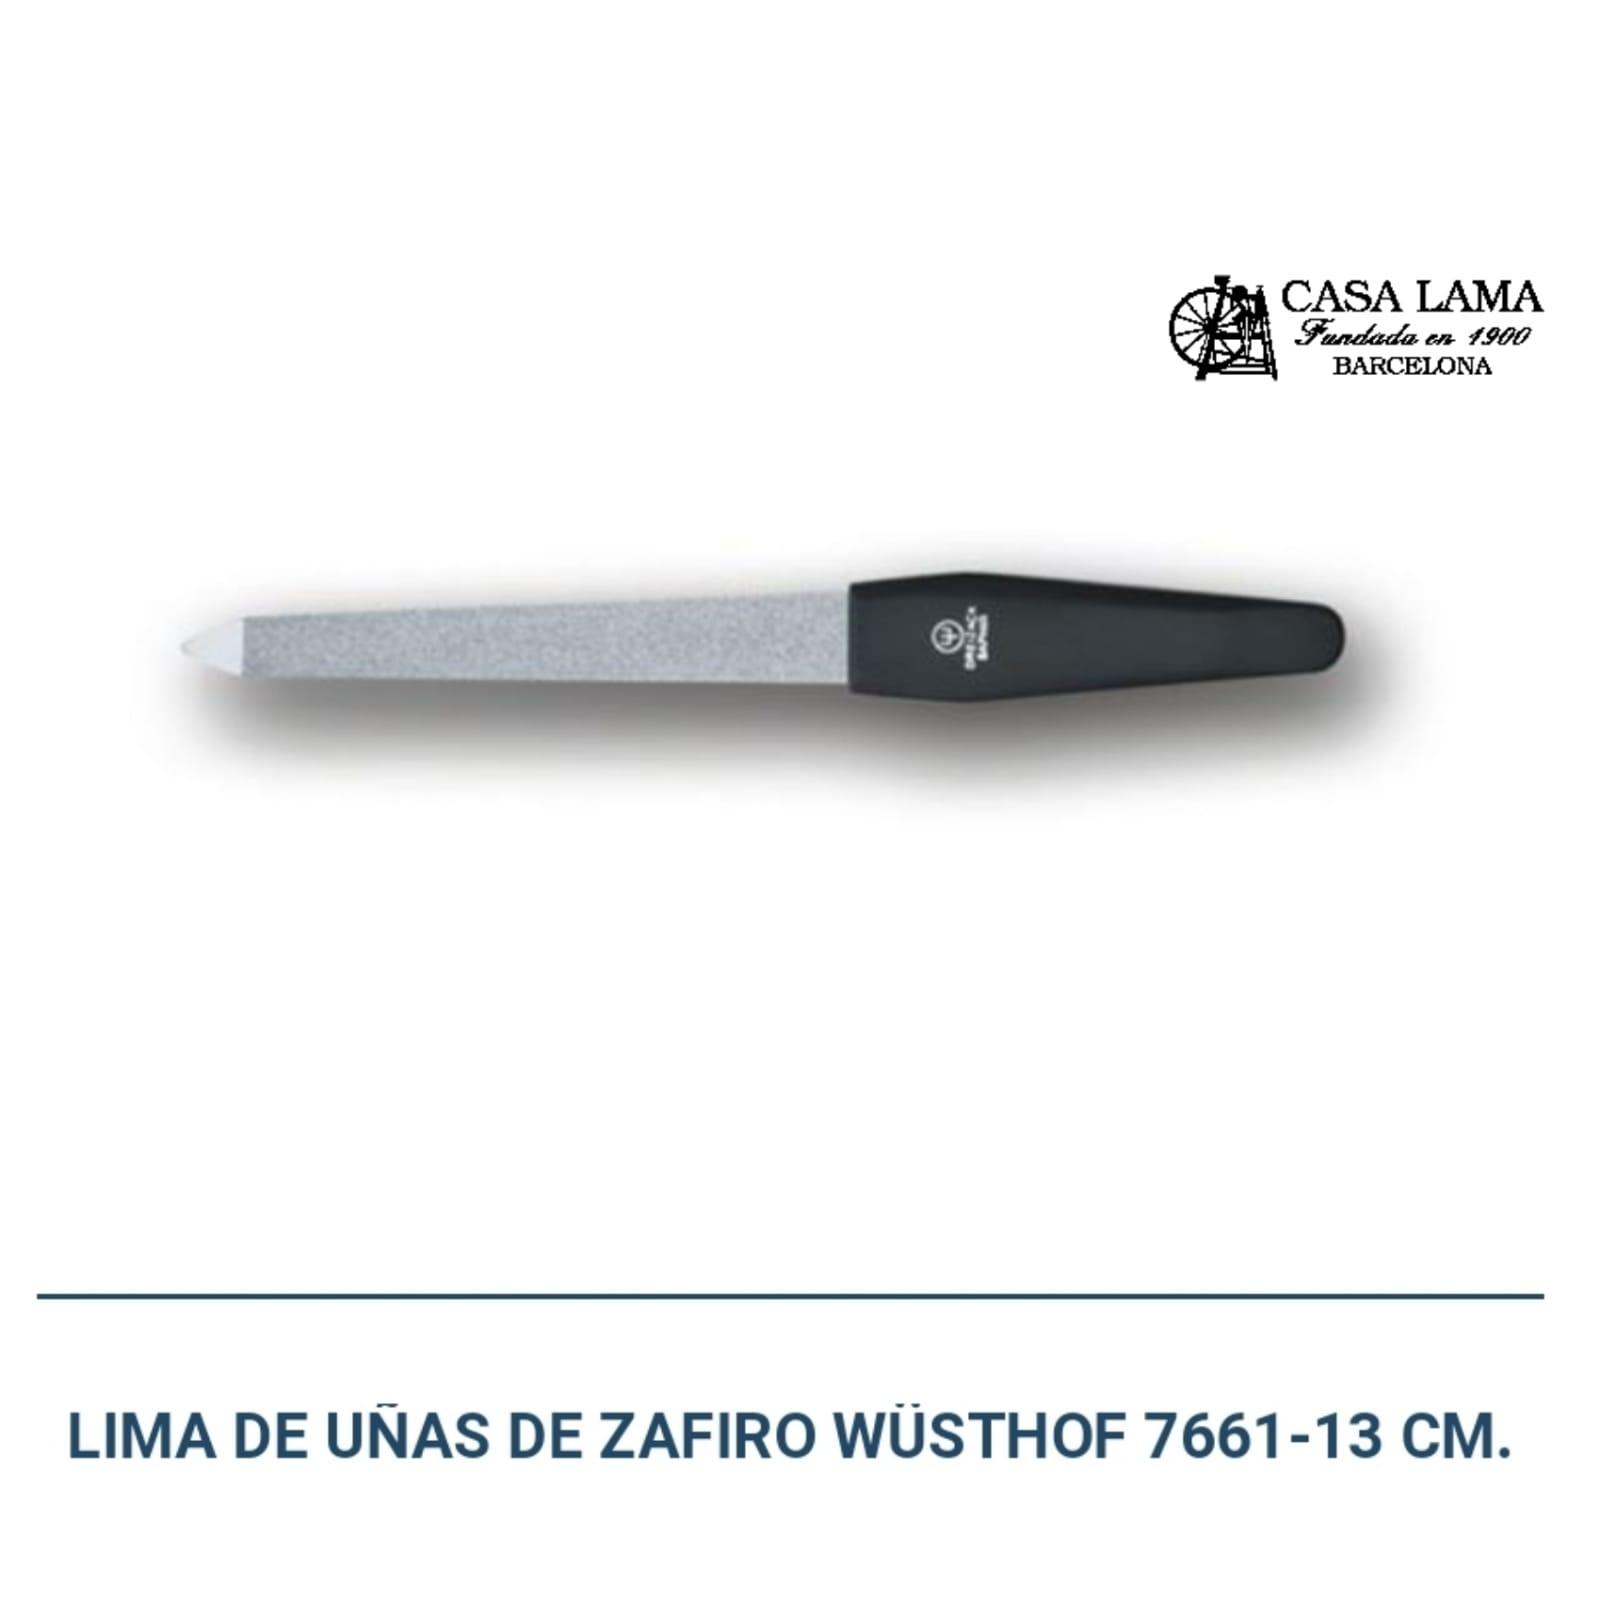 compra al mejor precio la Lima Zafiro 13cm Wüsthof en cuchilleria casa lama